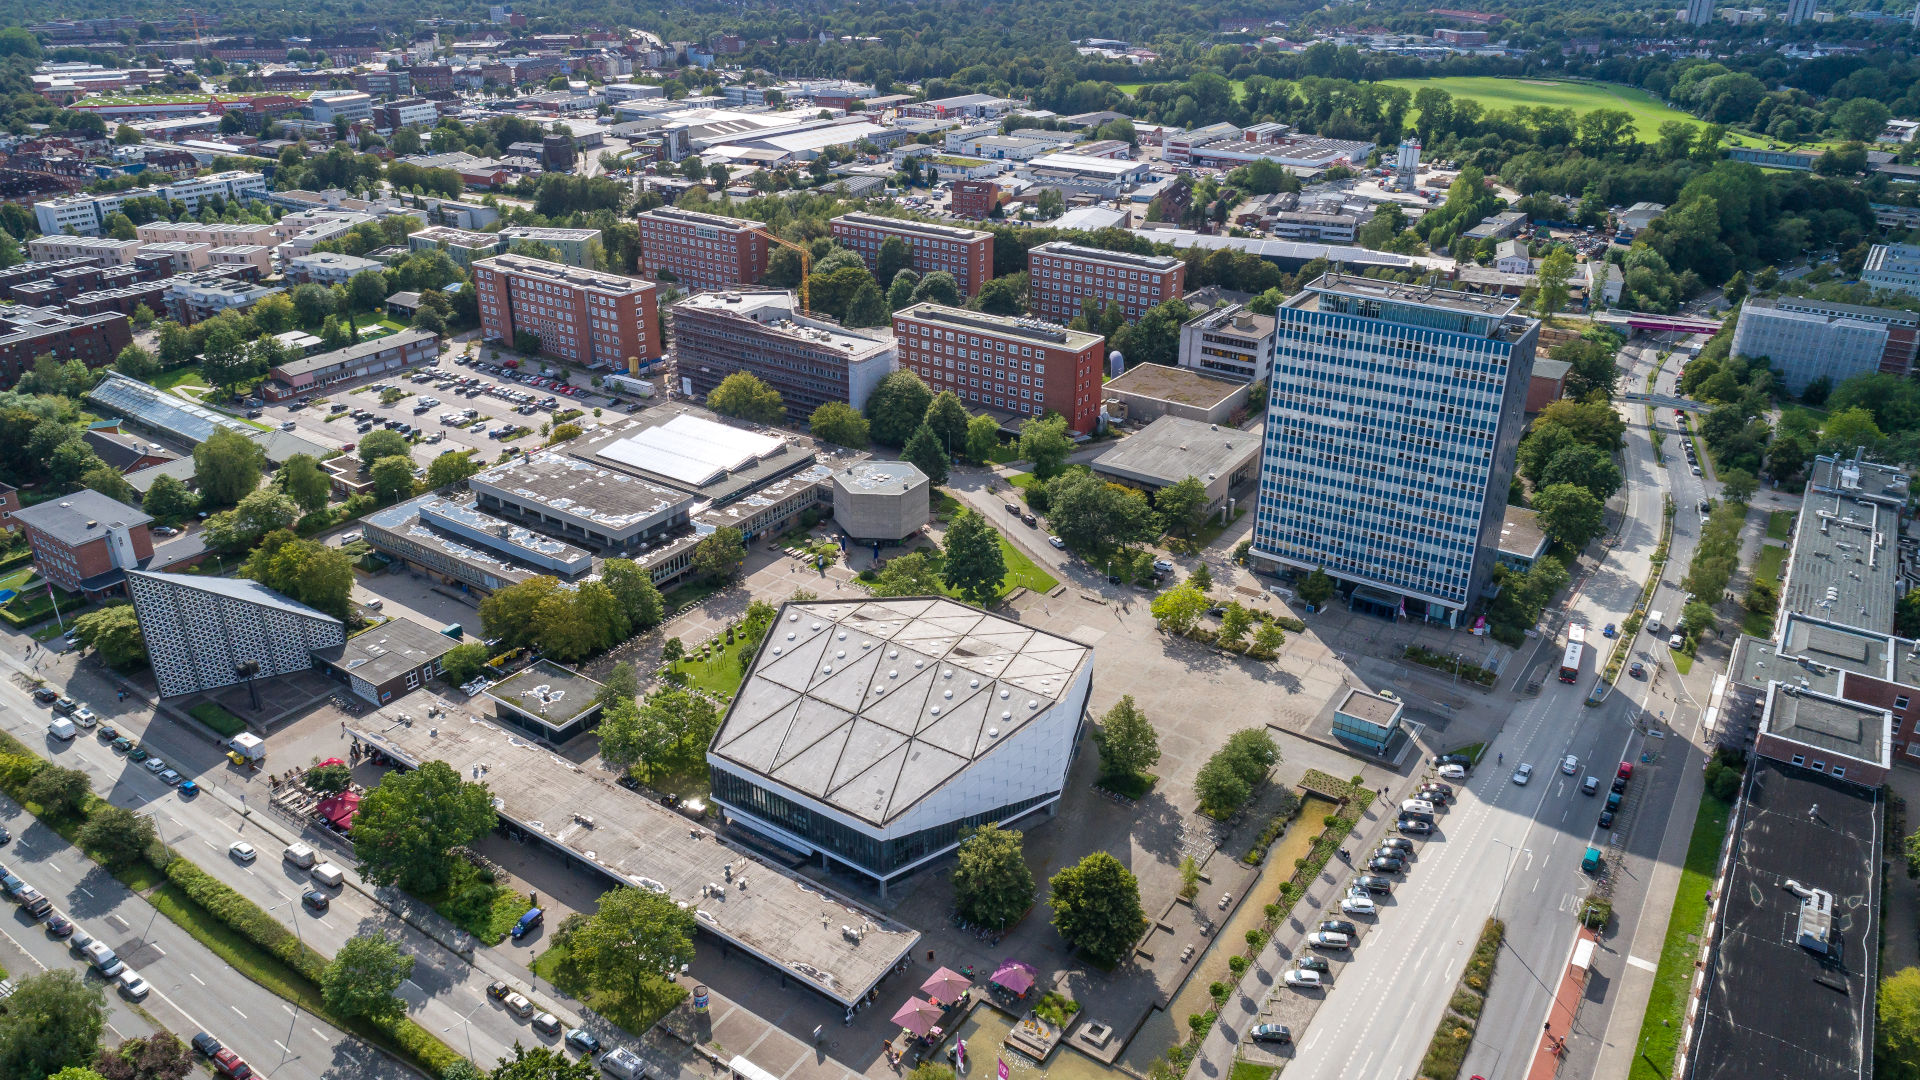 Kiel, Blick auf den Christian-Albrechts-Platz mit Uni-Hochhaus und weiteren Gebäuden